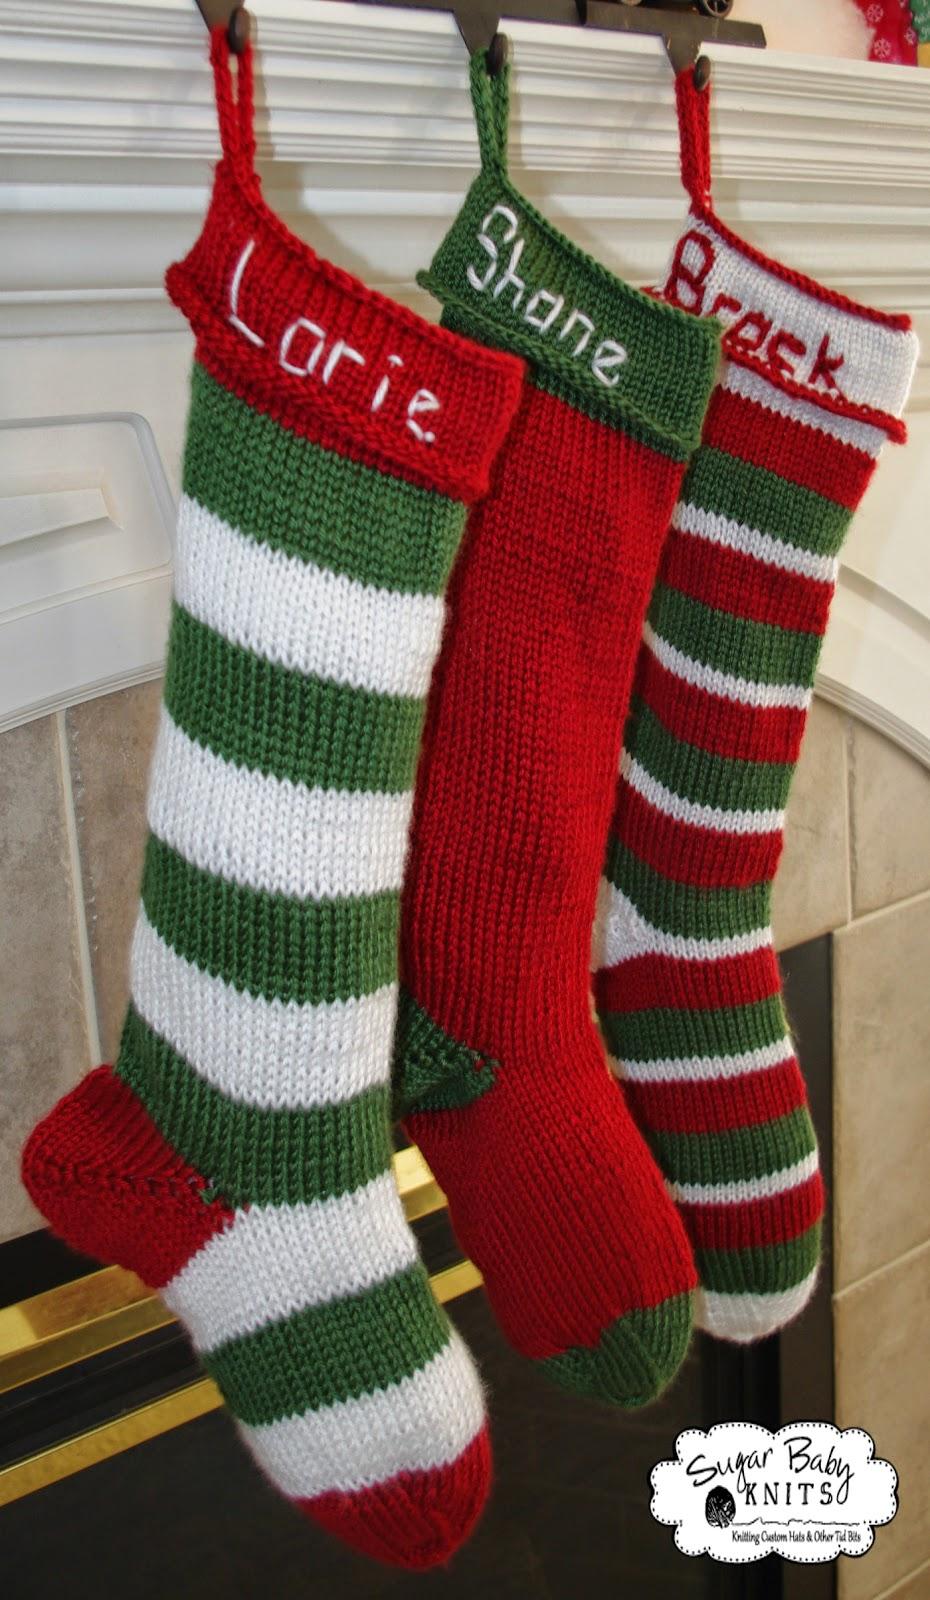 Sugar Baby Knits: New Personalized Knit Stocking Pattern